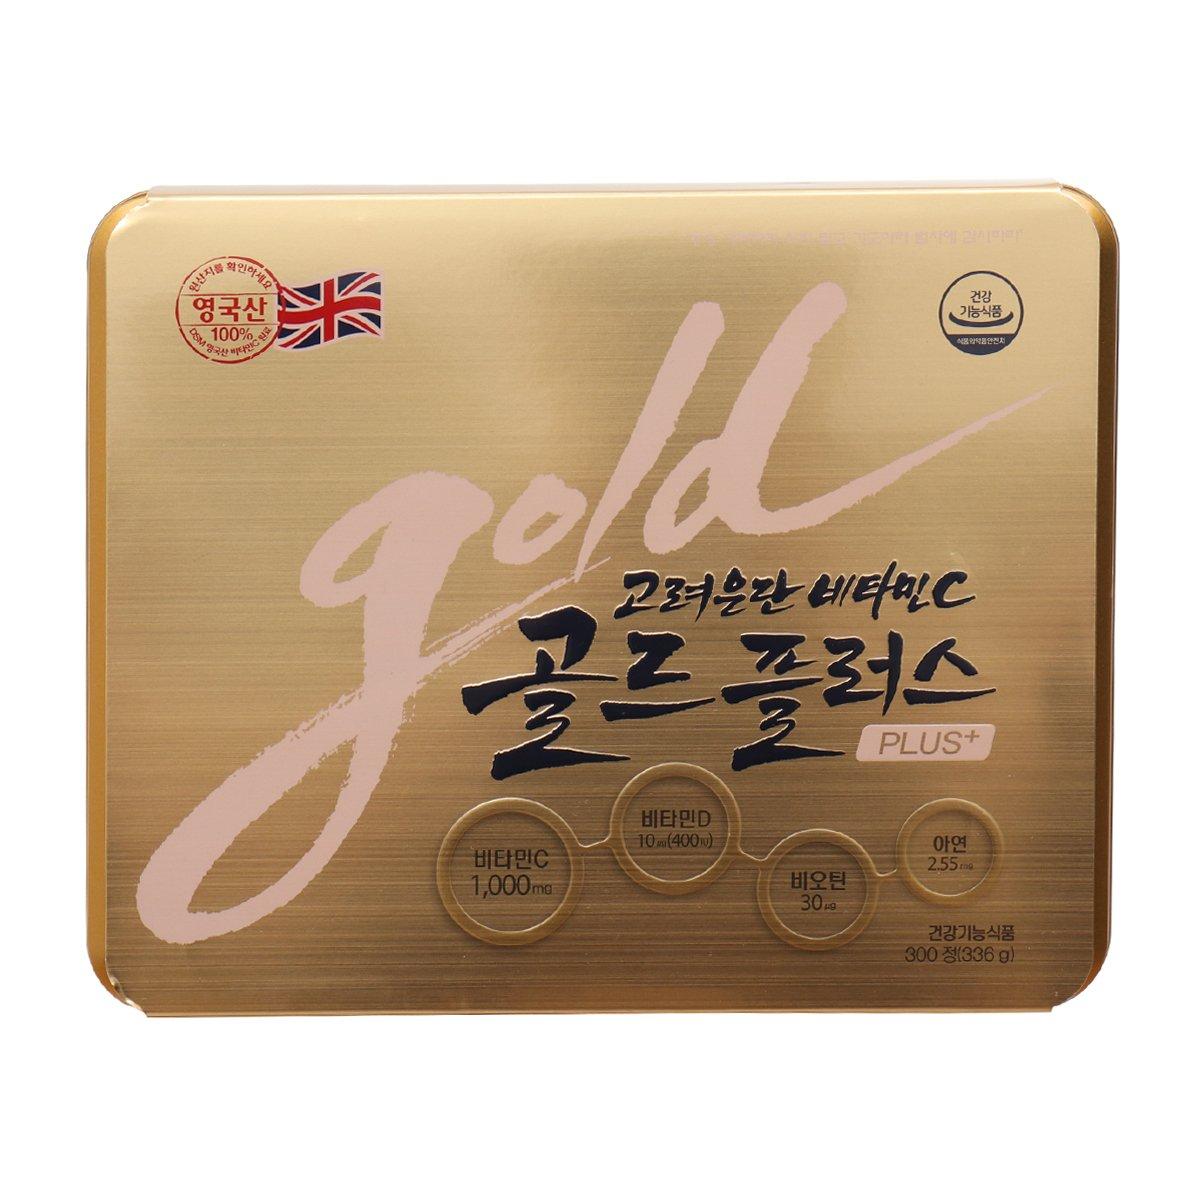 고려은단 비타민 C 골드 플러스, 300정, 1개